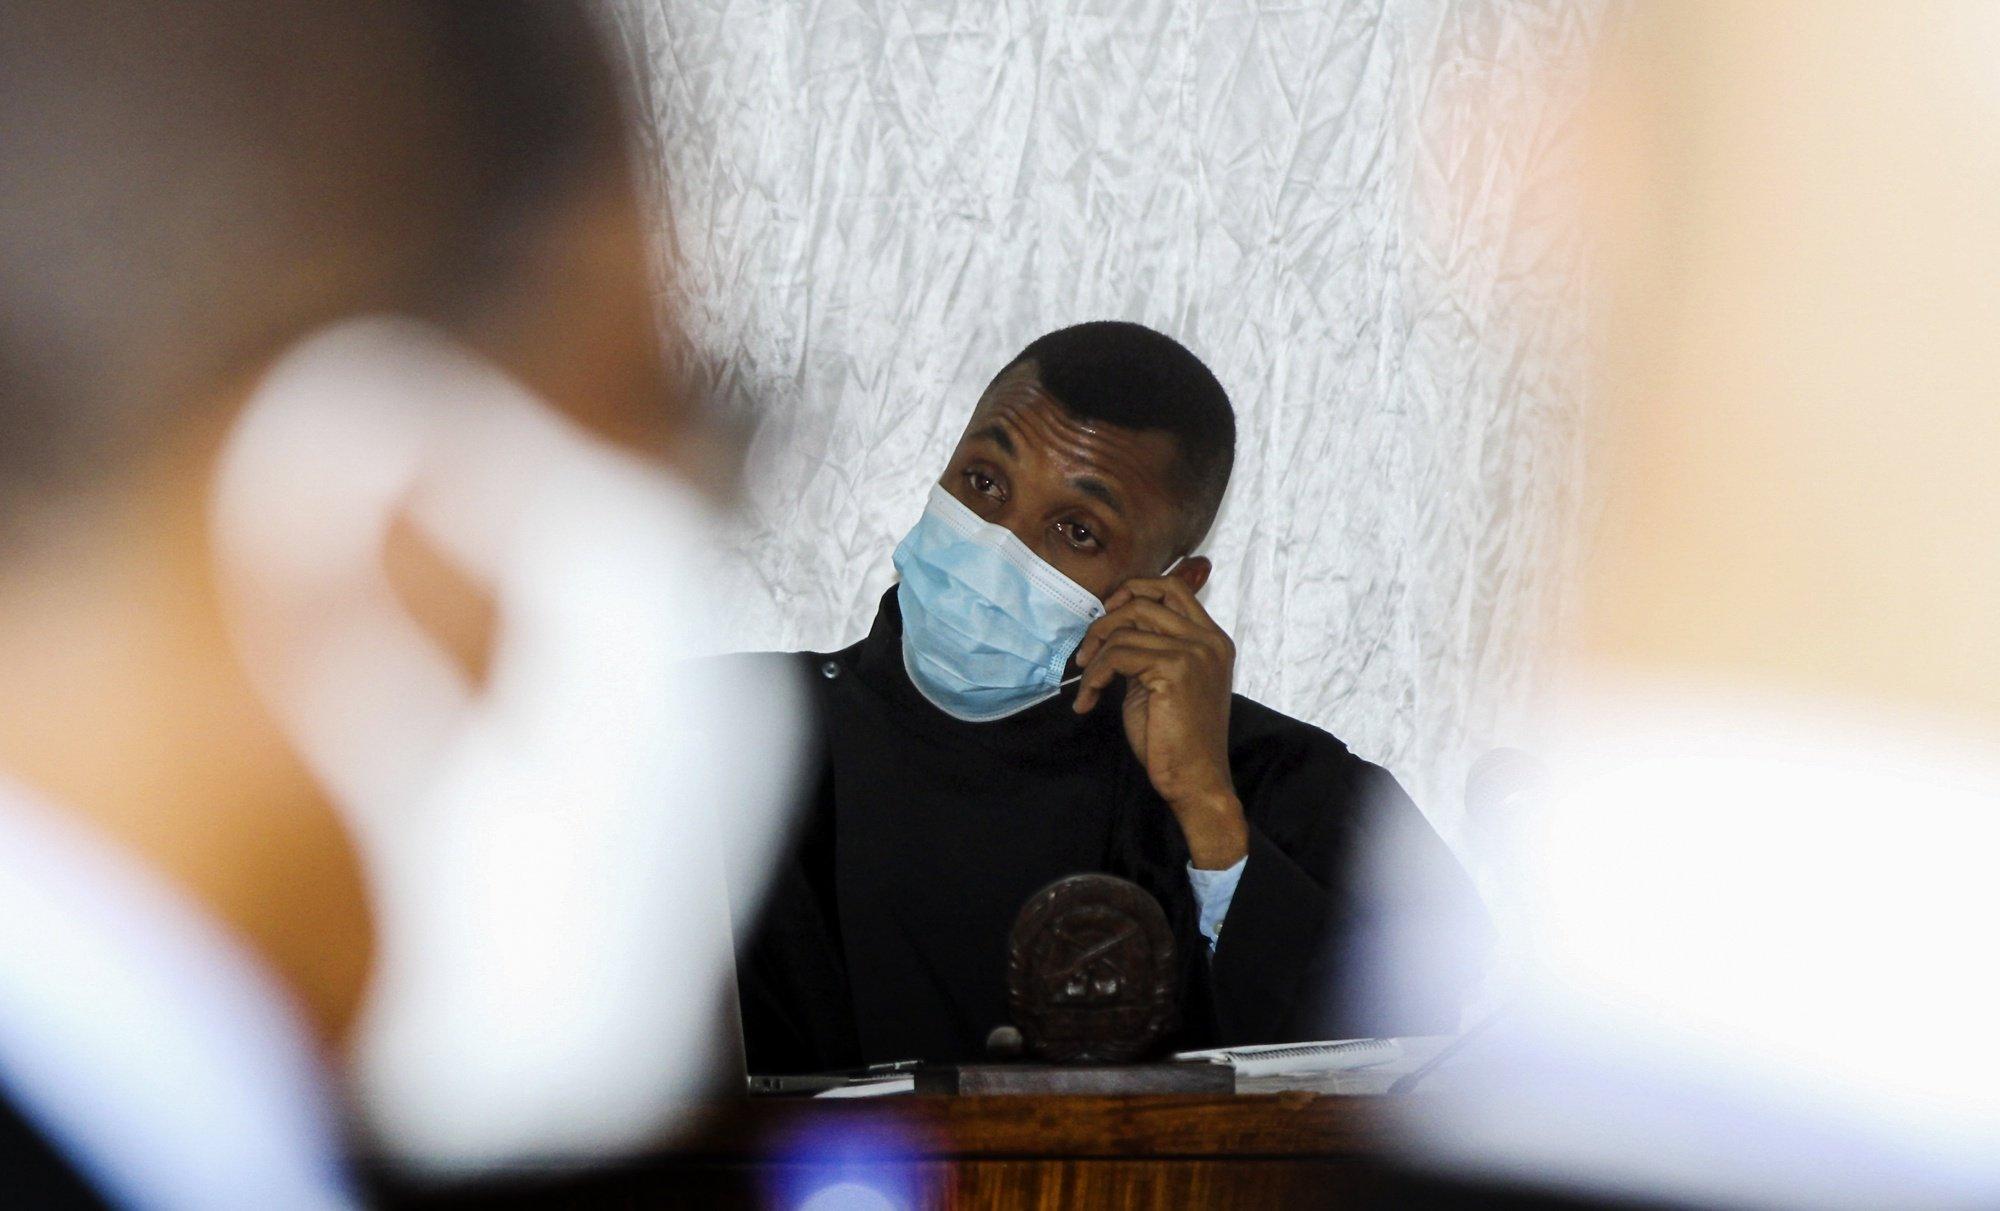 Efigénio Baptista, juíz do caso das 'dívidas ocultas', Maputo, Moçambique, 23 de agosto de 2021. O Tribunal Judicial da Cidade de Maputo começou hoje o julgamento de 19 arguidos acusados de envolvimento no caso das 'dívidas ocultas', um esquema que envolveu altas figuras do Estado moçambicano, bancos internacionais e estaleiros navais (ACOMPANHA TEXTO) LUCAS MENESES/LUSA